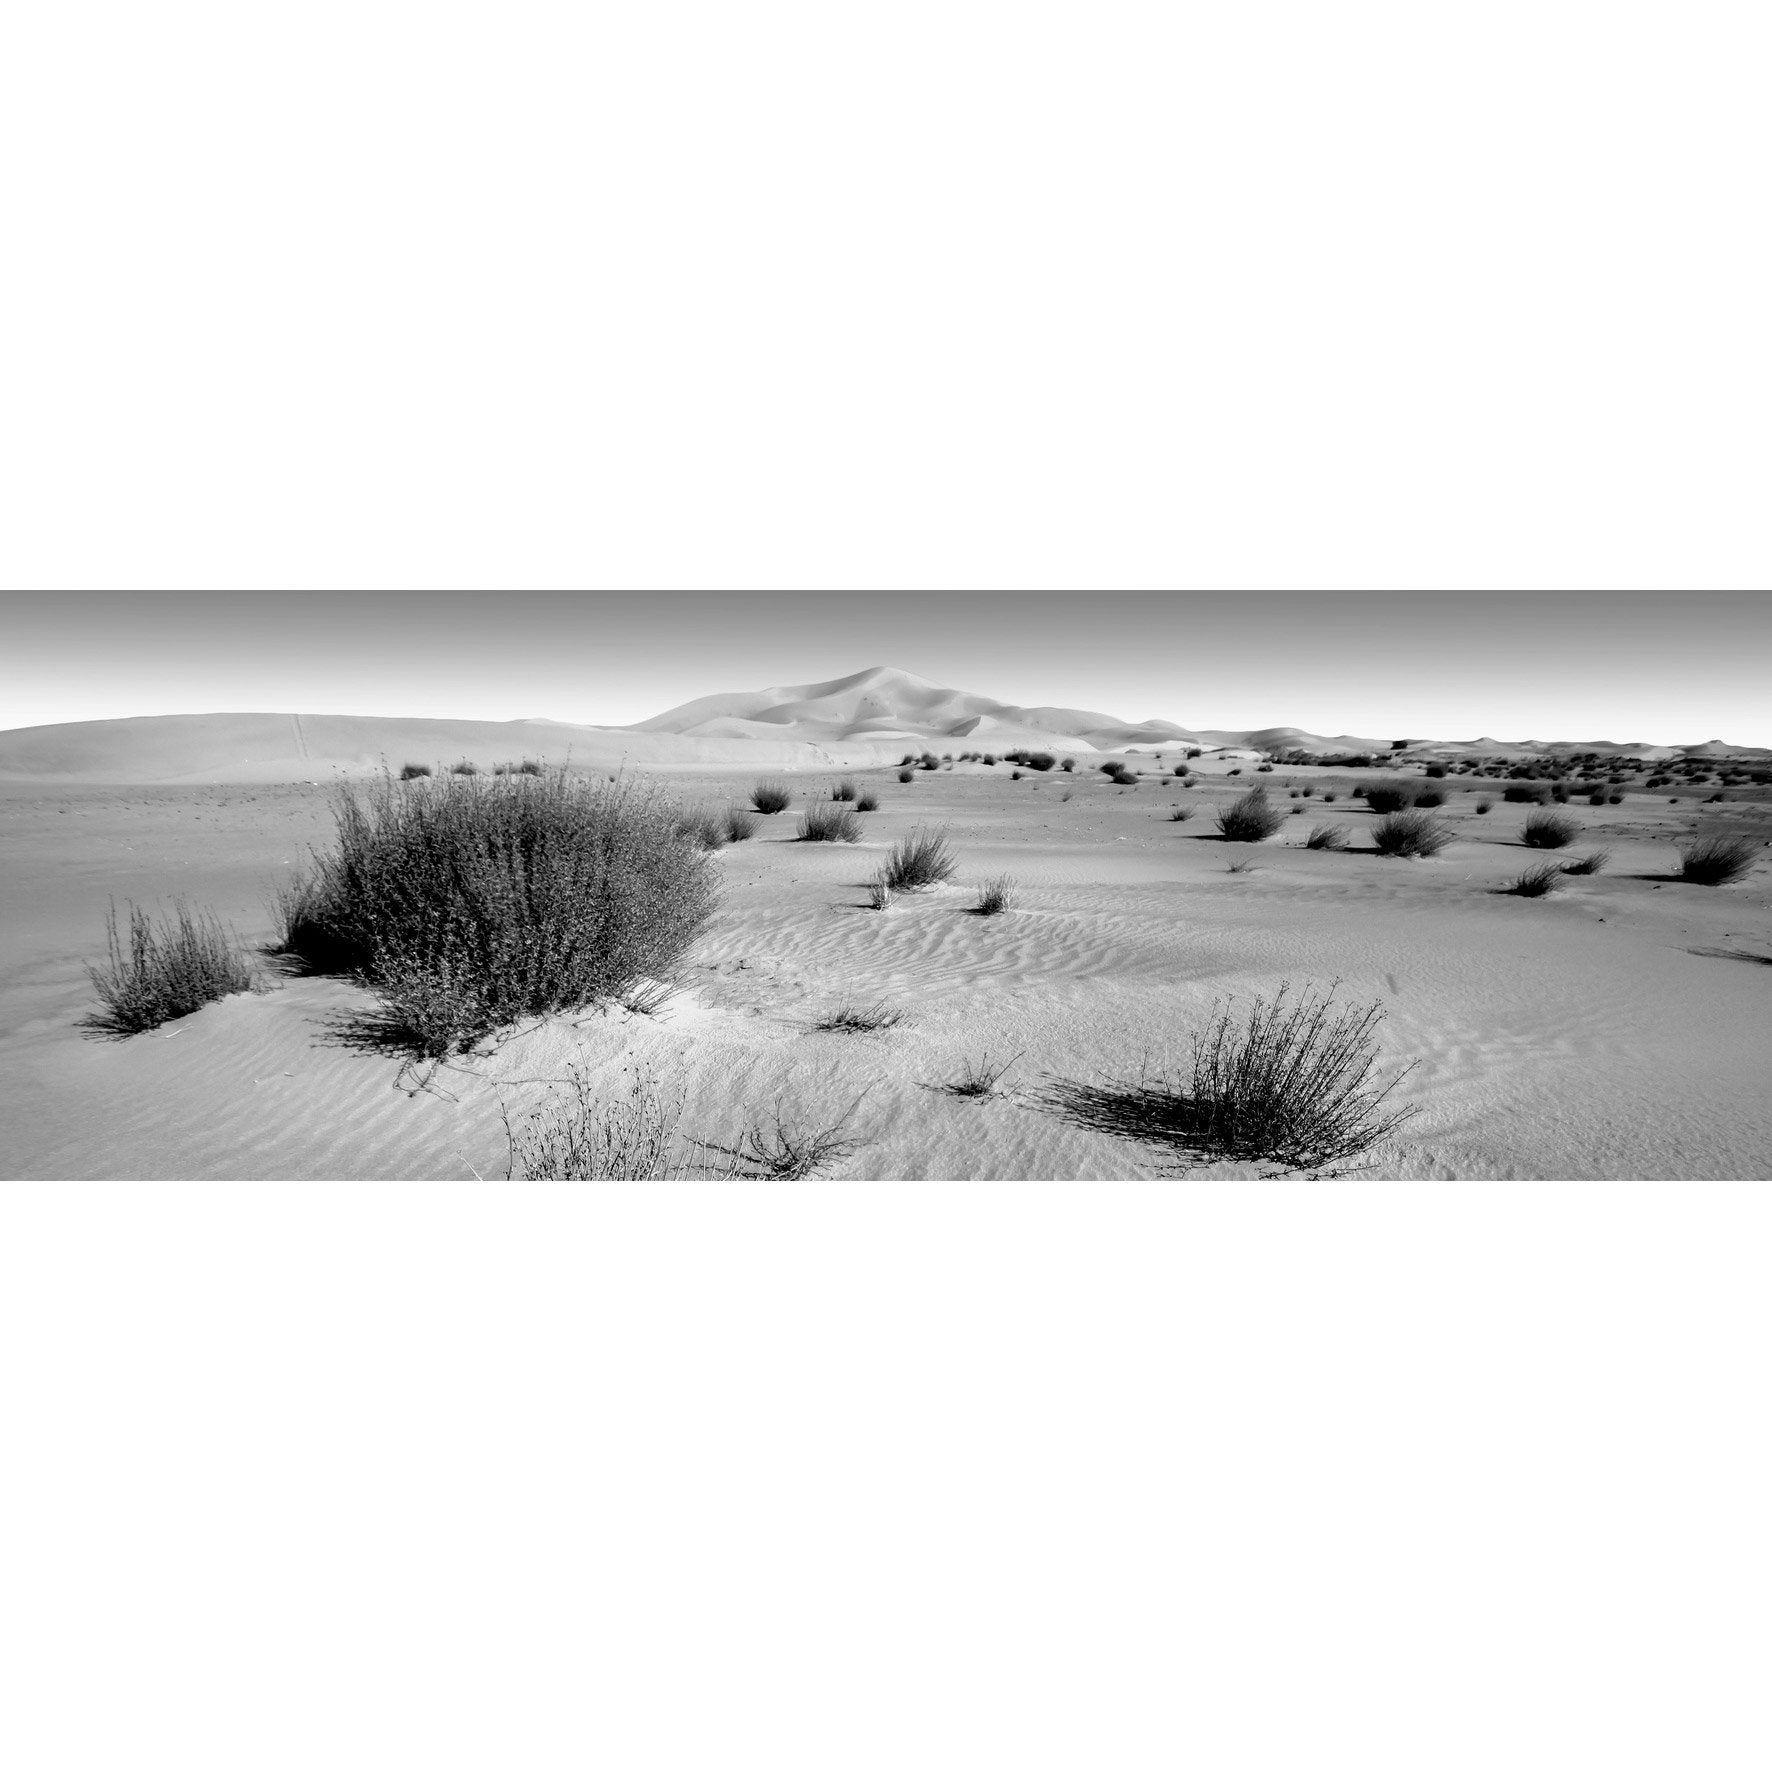 Toile Imprimee Desert 2 N B Multicolore Artis L 135 X H 45 Cm Verre Imprime Noir Et Blanc Et Toile Imprimee